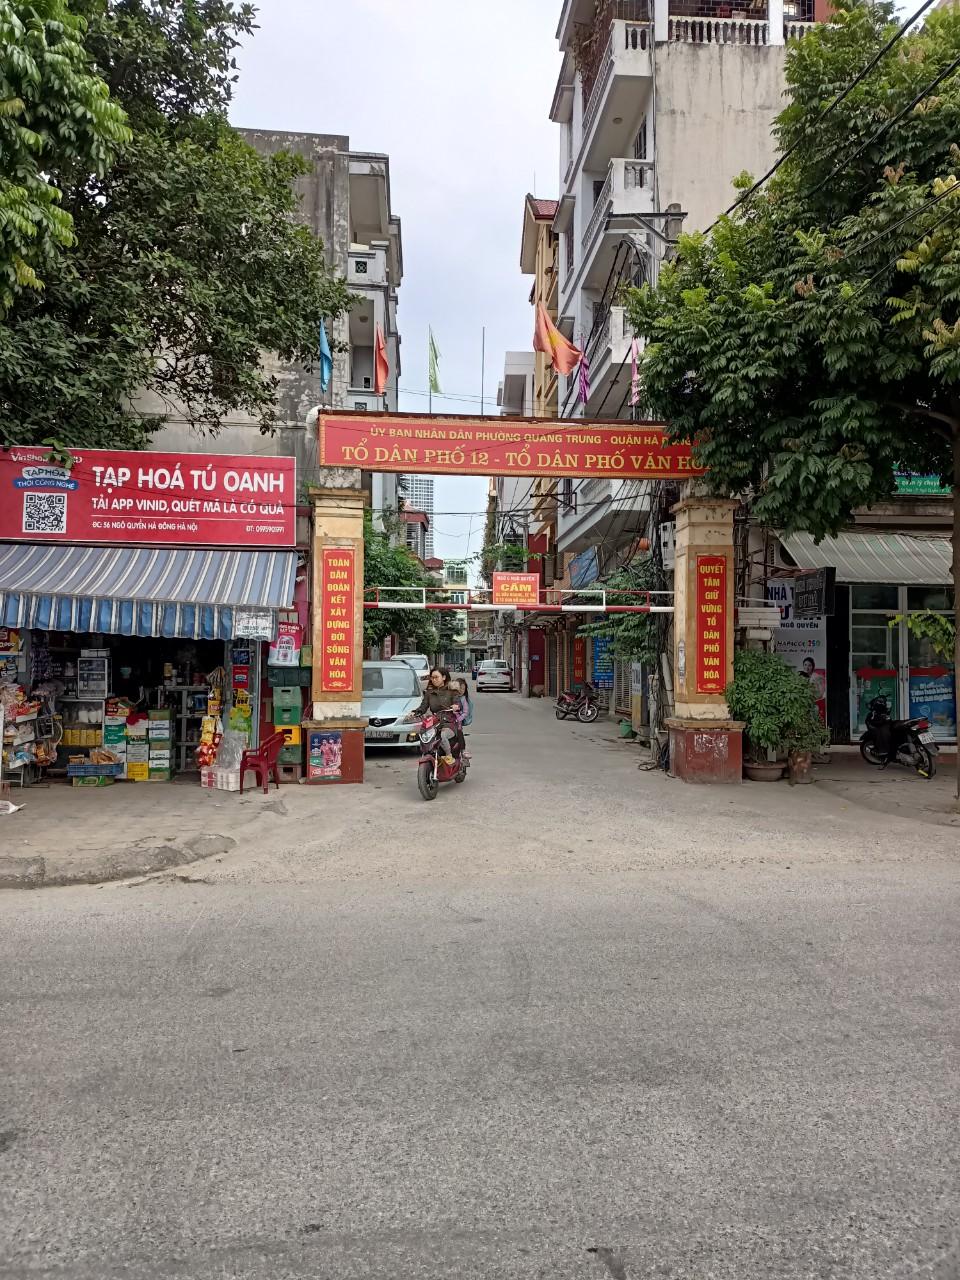 Nhà Riêng 5 tầng Xây BÁN tại dãy A3-A4 ngõ 6, Phố Ngô Quyền - Quang Trung – Hà Đông – Hà Nội (ĐÃ BÁN HẾT)